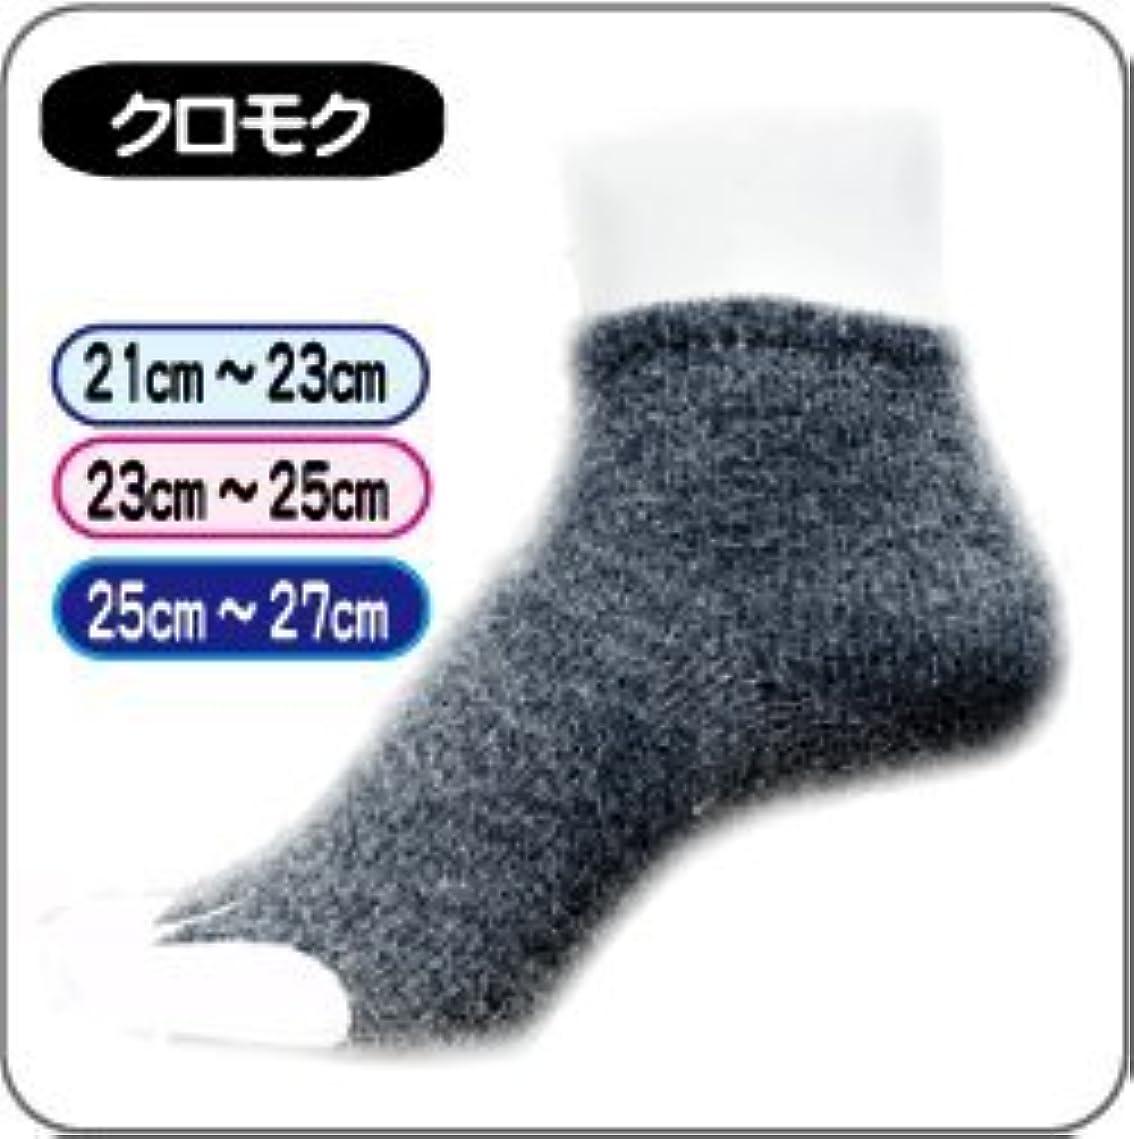 有益なに関してモットー冷え性?足のむくみ対策に 竹繊維の入った?指なし健康ソックス (23cm~25cm, クロムク)